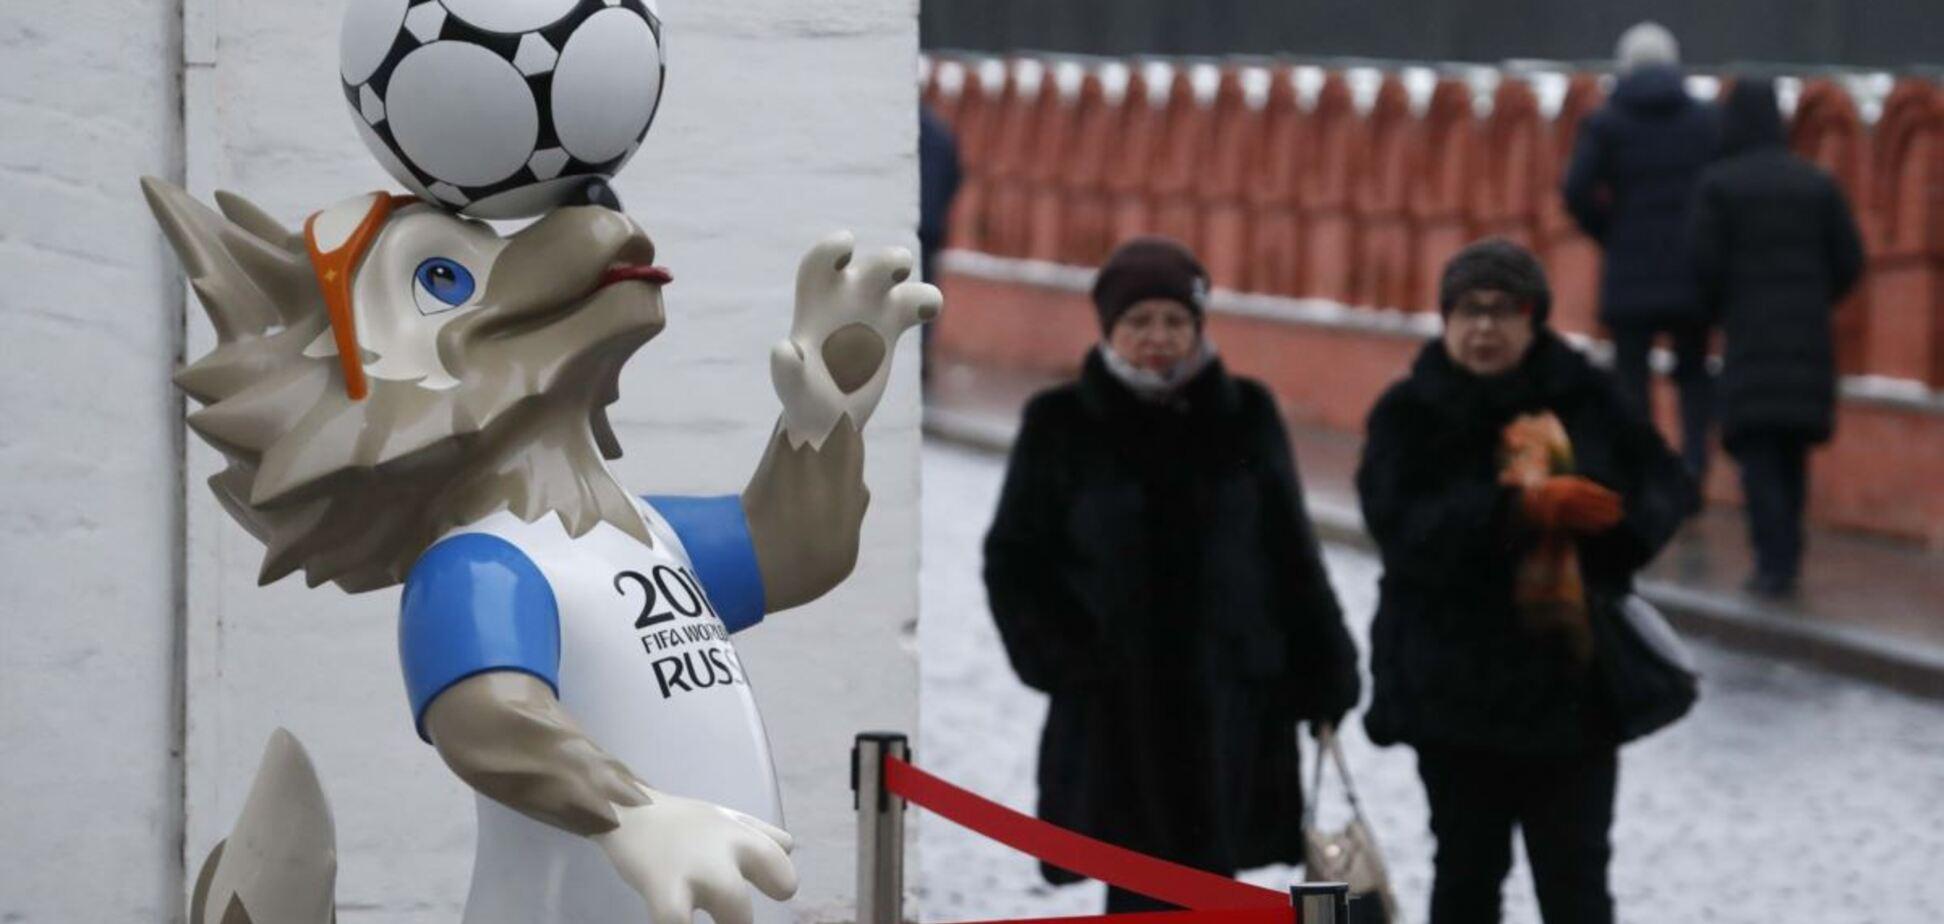 ЧМ-2018: ФИФА хотят заставить признать Крым территорией России